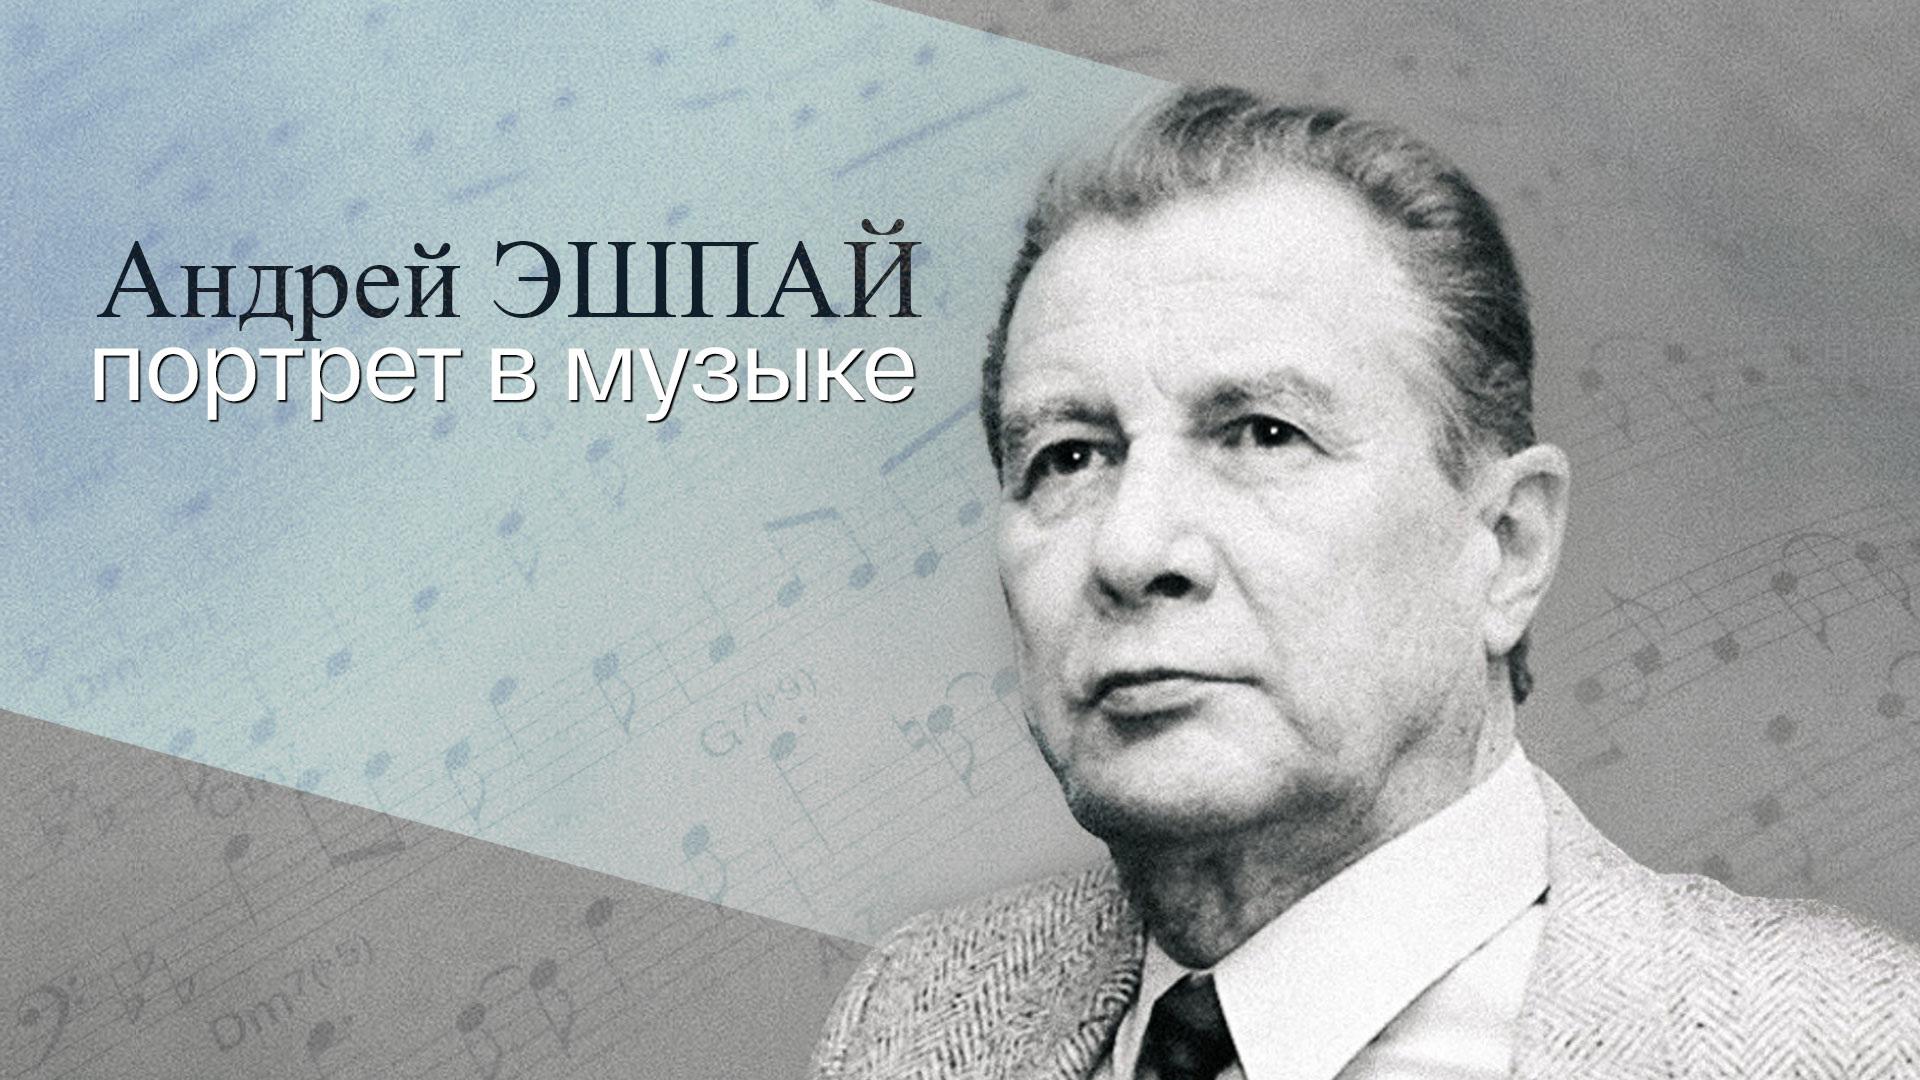 Андрей Эшпай. Портрет в музыке